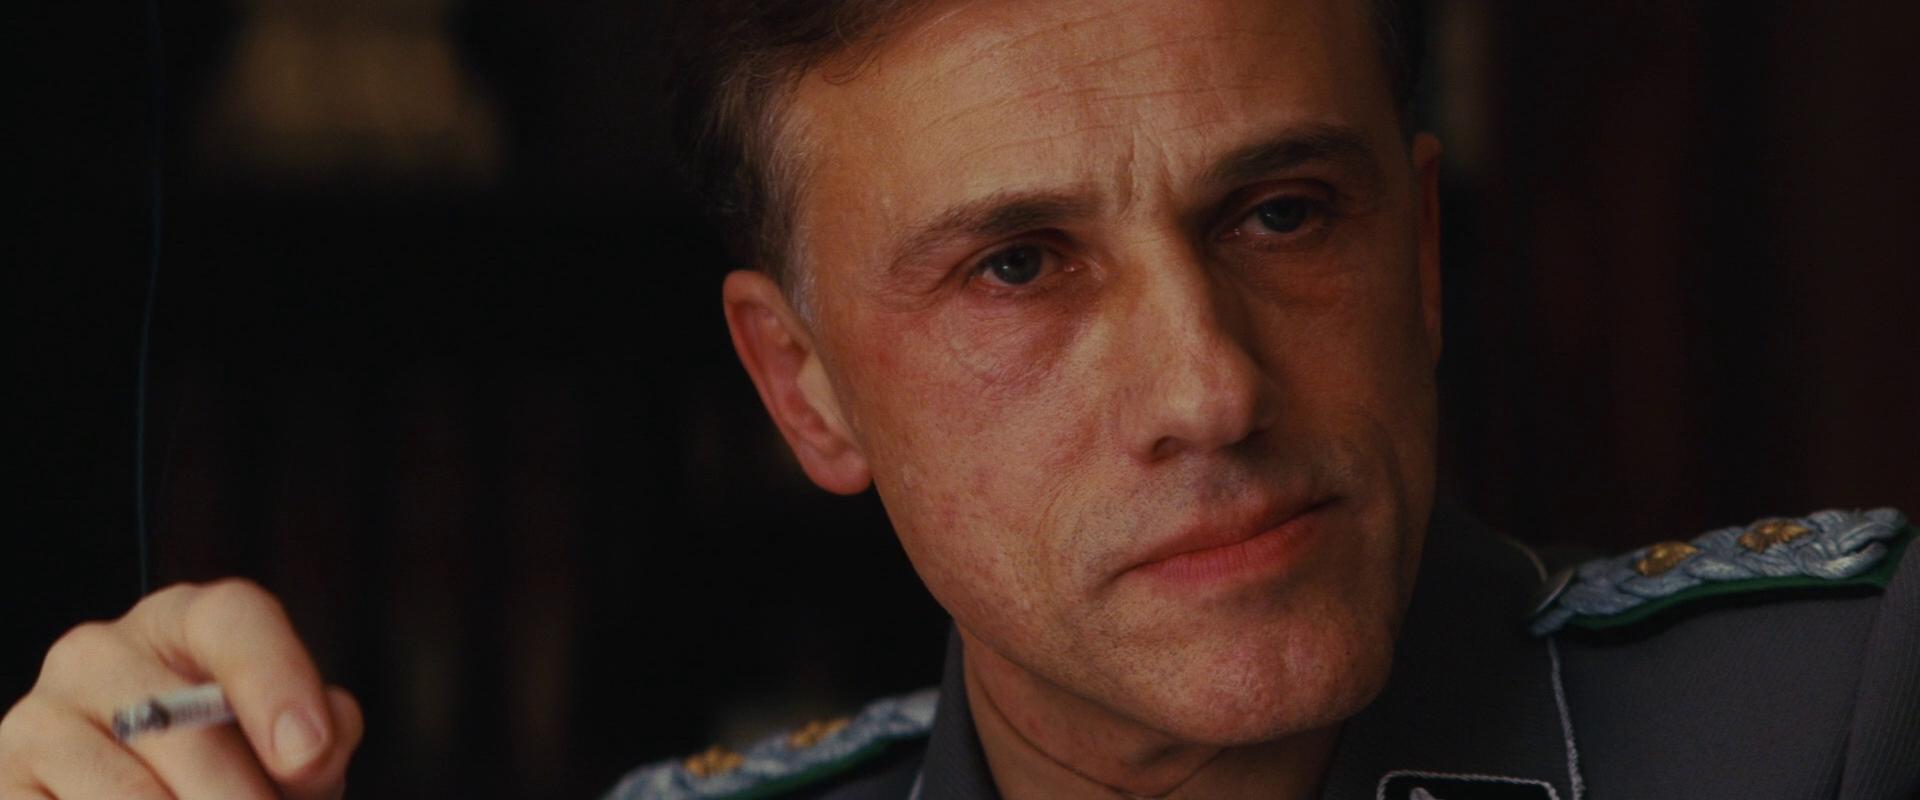 Hans Landa